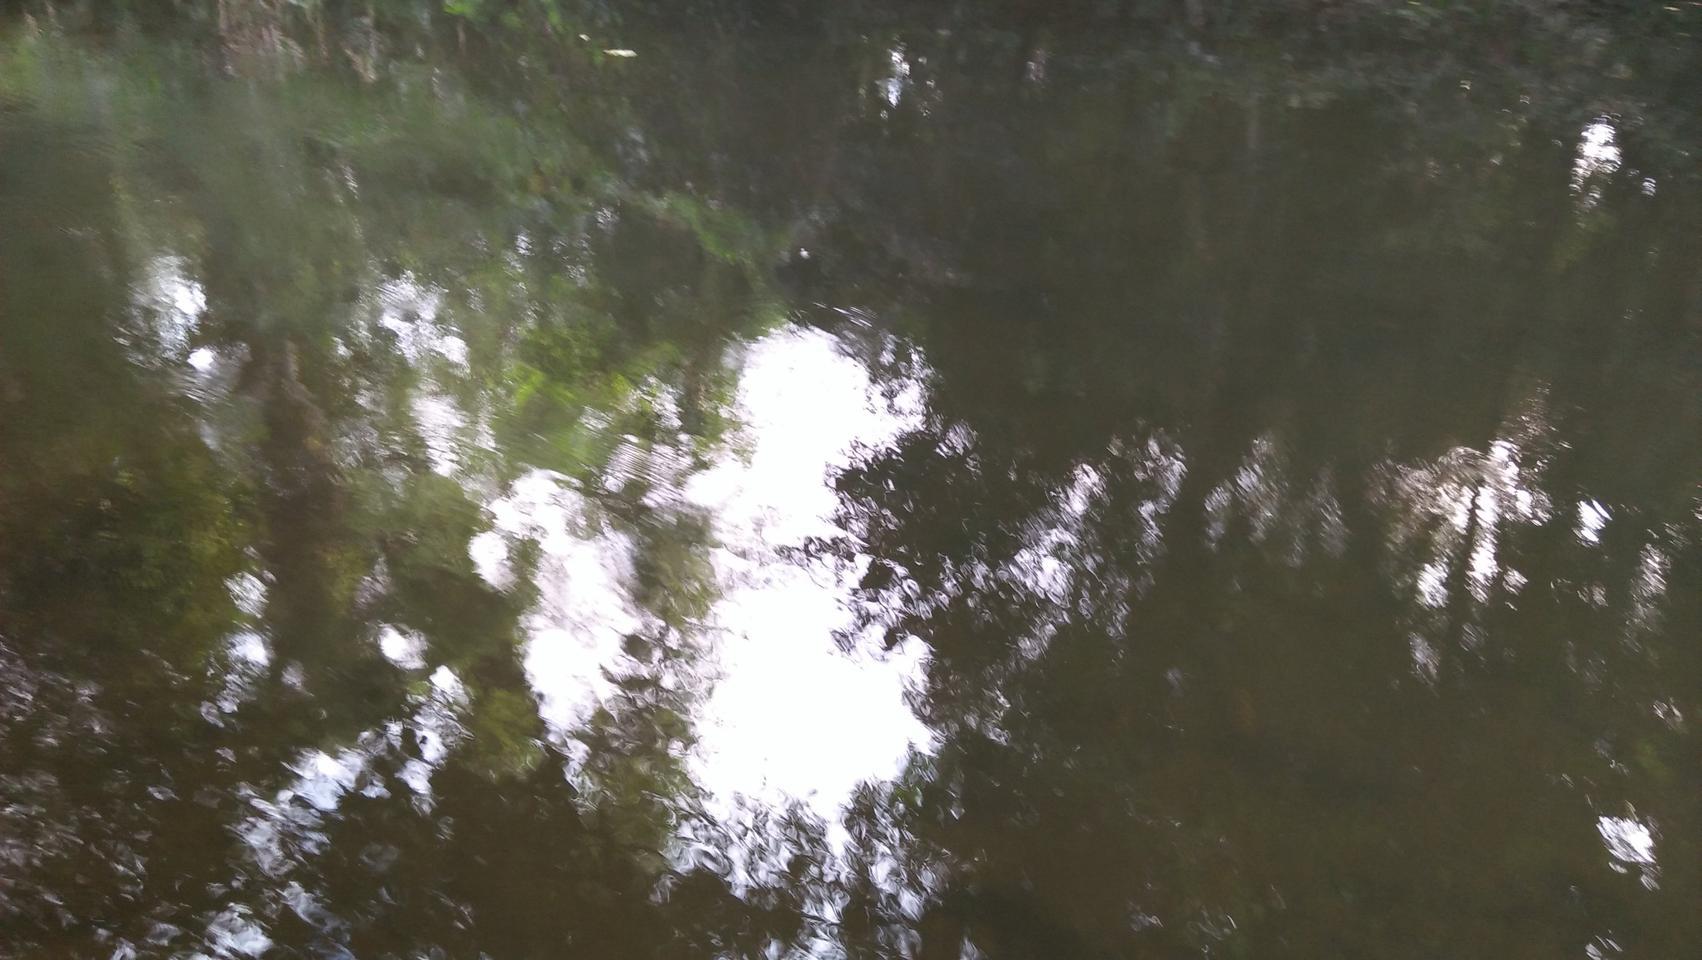 ที่ดินพร้อมสวนขนาดใหญ่ ติดห้วยลำธาร แหล่งธรรมชาติ น่าอยู่มาก รูปที่ 6